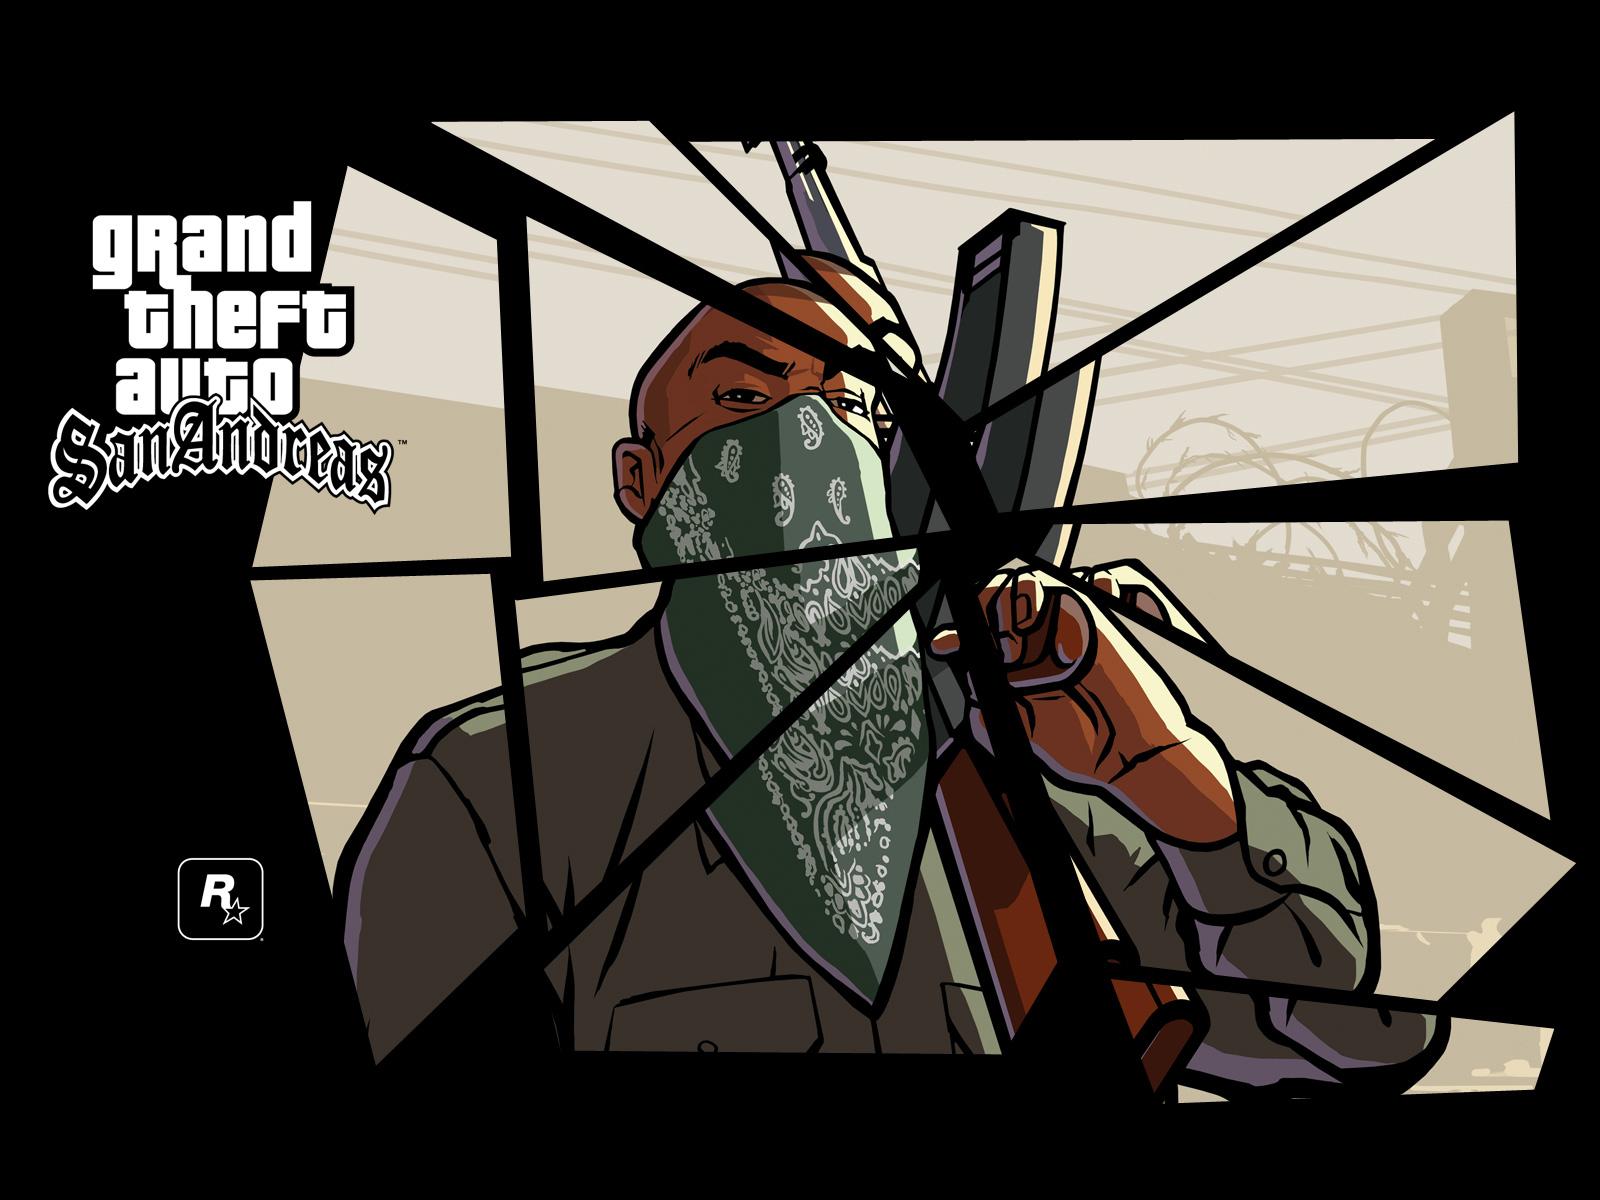 GTA SA / Grand Theft Auto: San Andreas